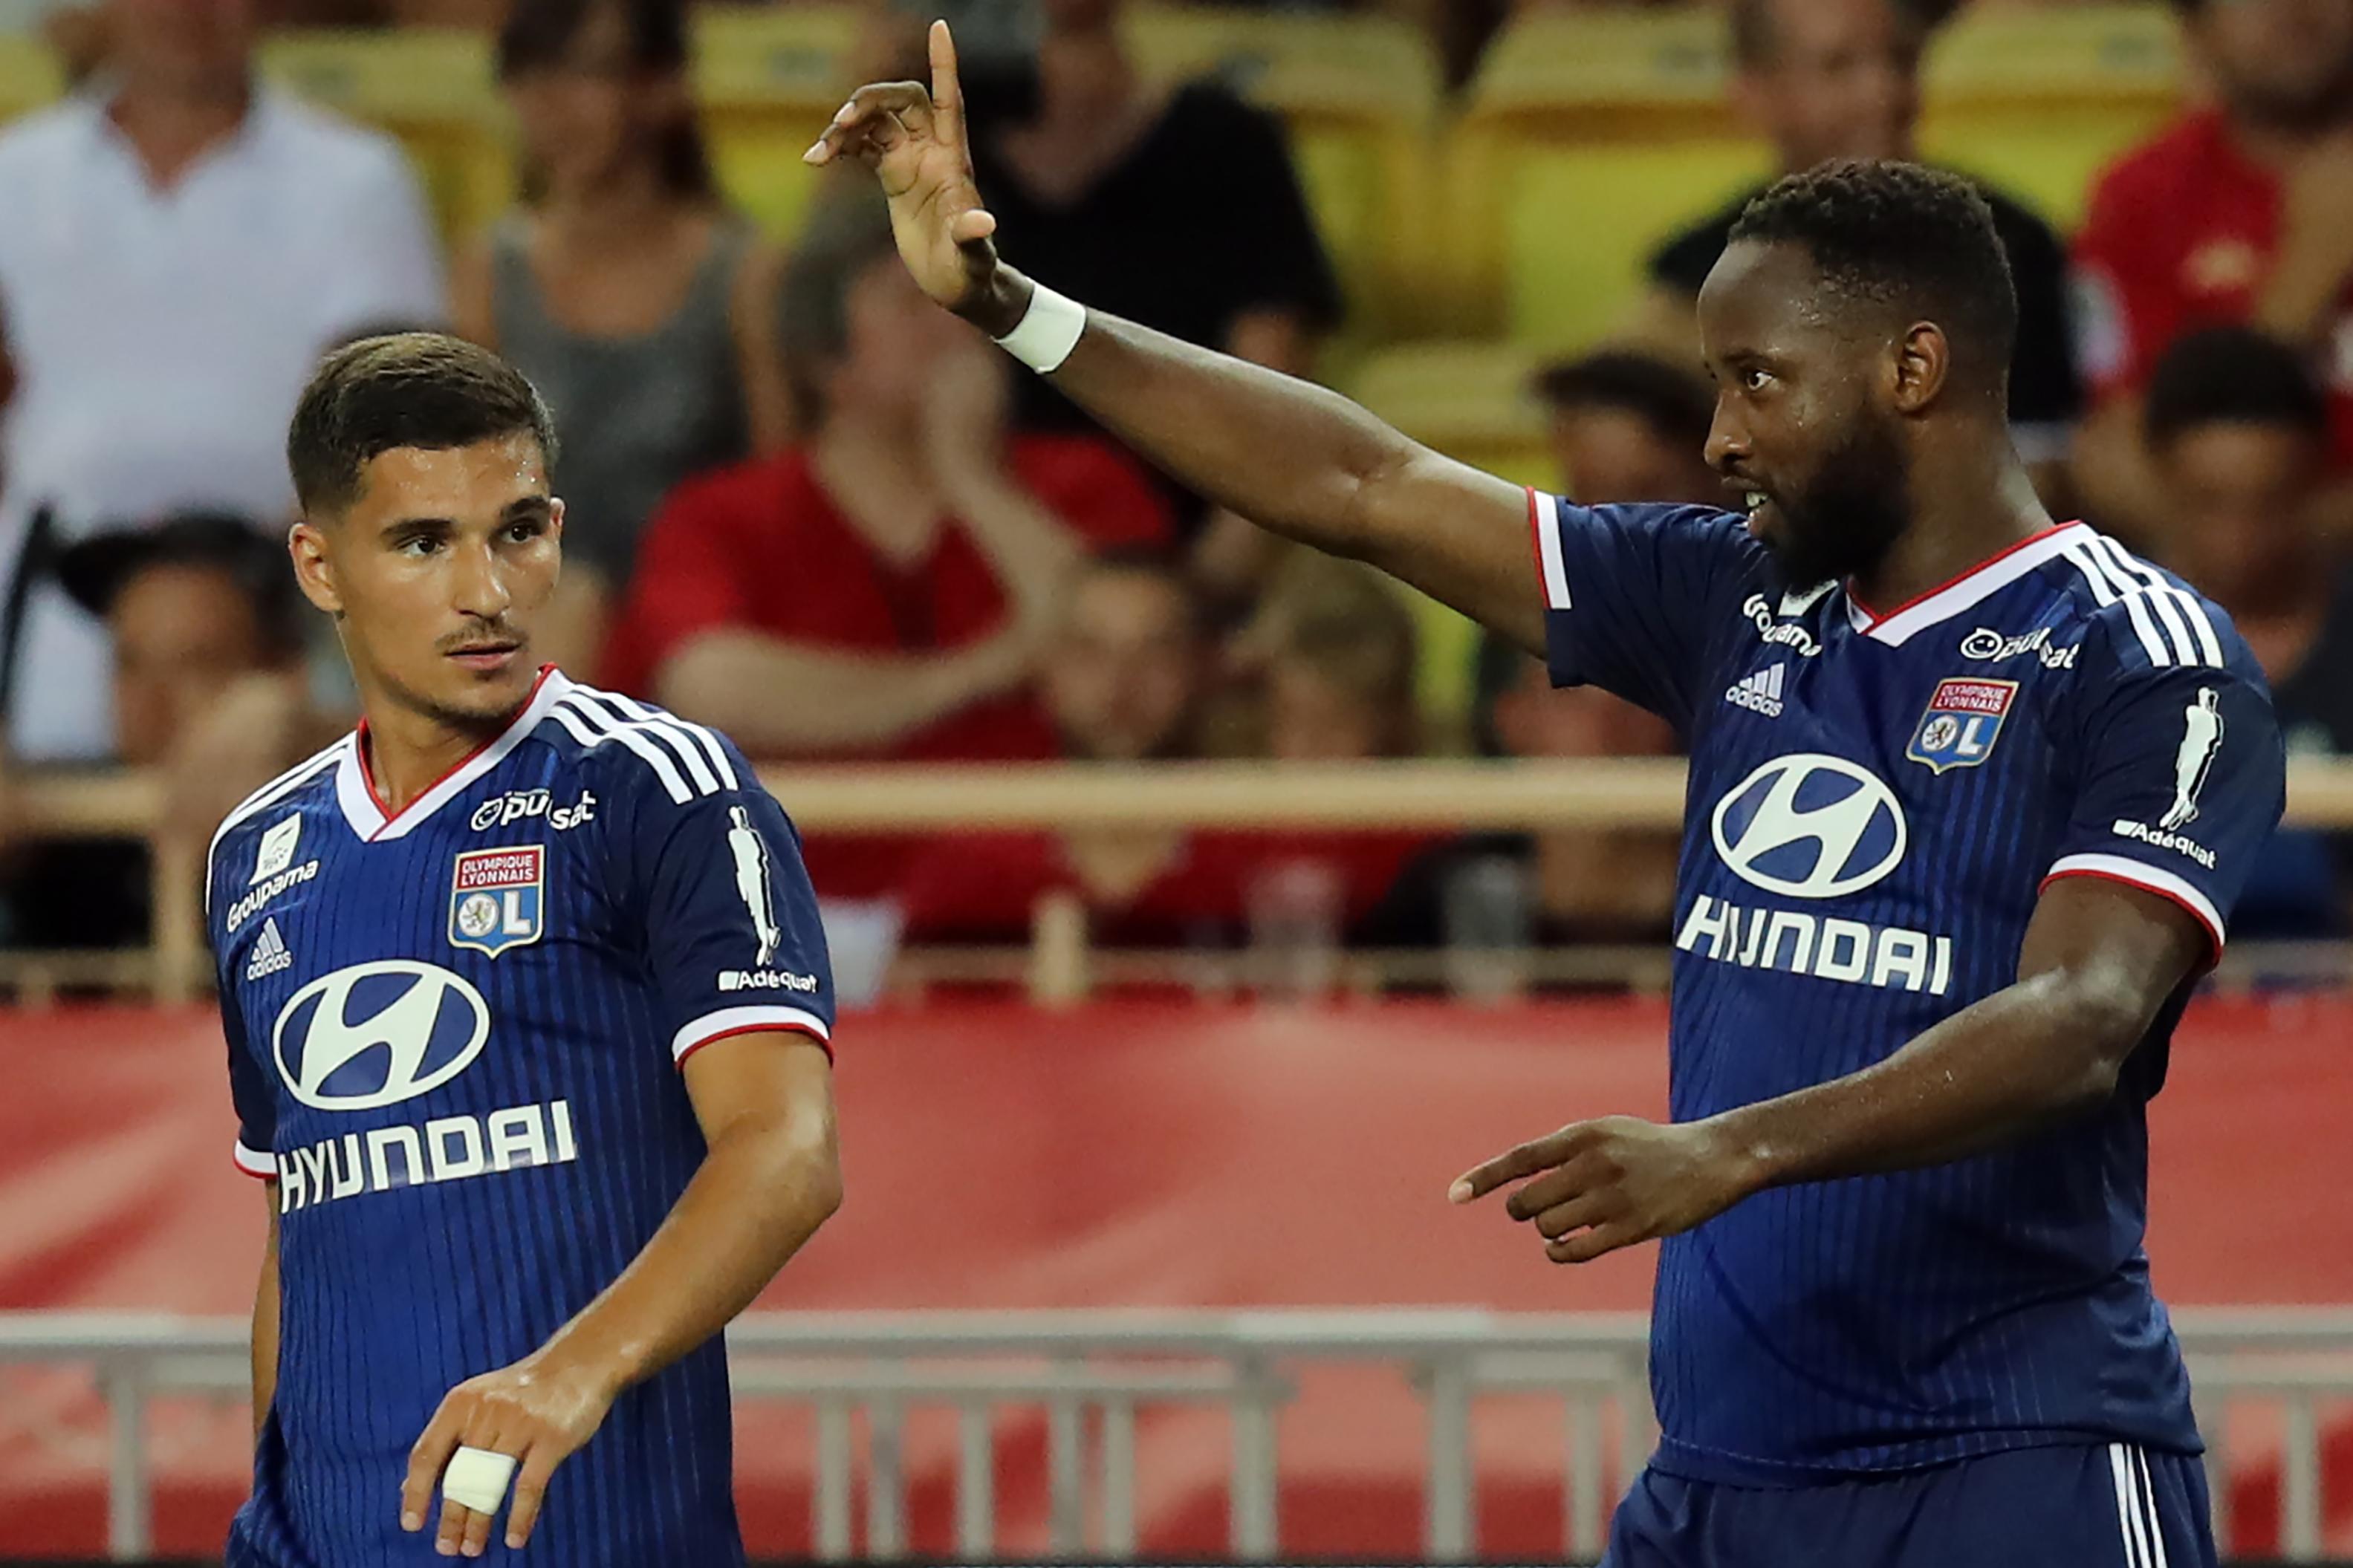 Monaco-Lyon (0-3) - Le style Sylvinho, l'arme Dembélé, scénario favorable : ce qu'il faut retenir de la victoire de l'OL à Monaco